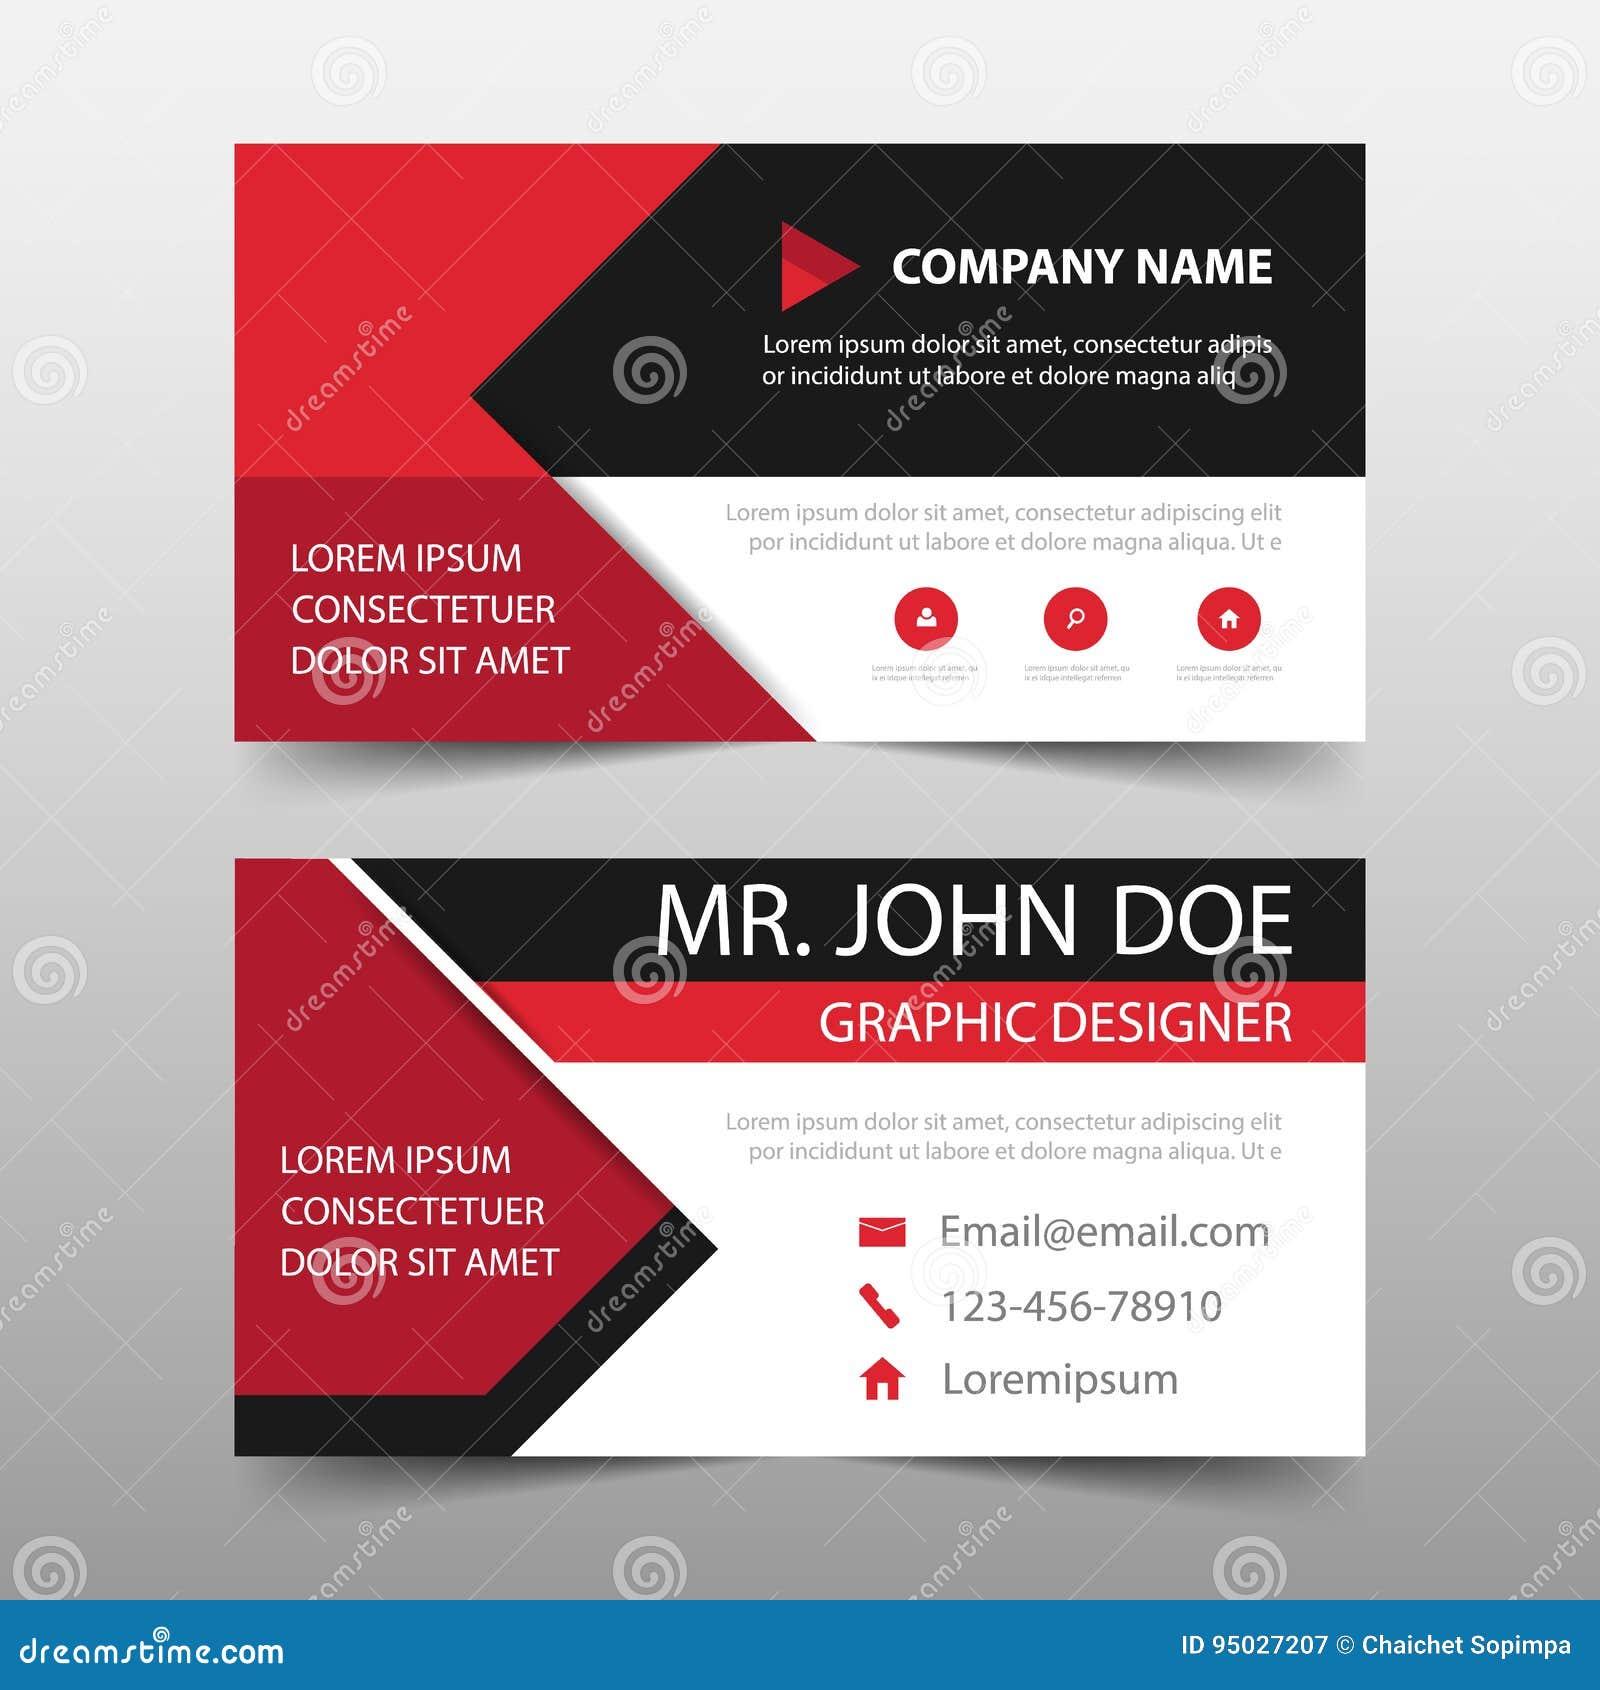 Tarjeta de visita corporativa roja, plantilla de la tarjeta de presentación, plantilla limpia simple horizontal del diseño de la